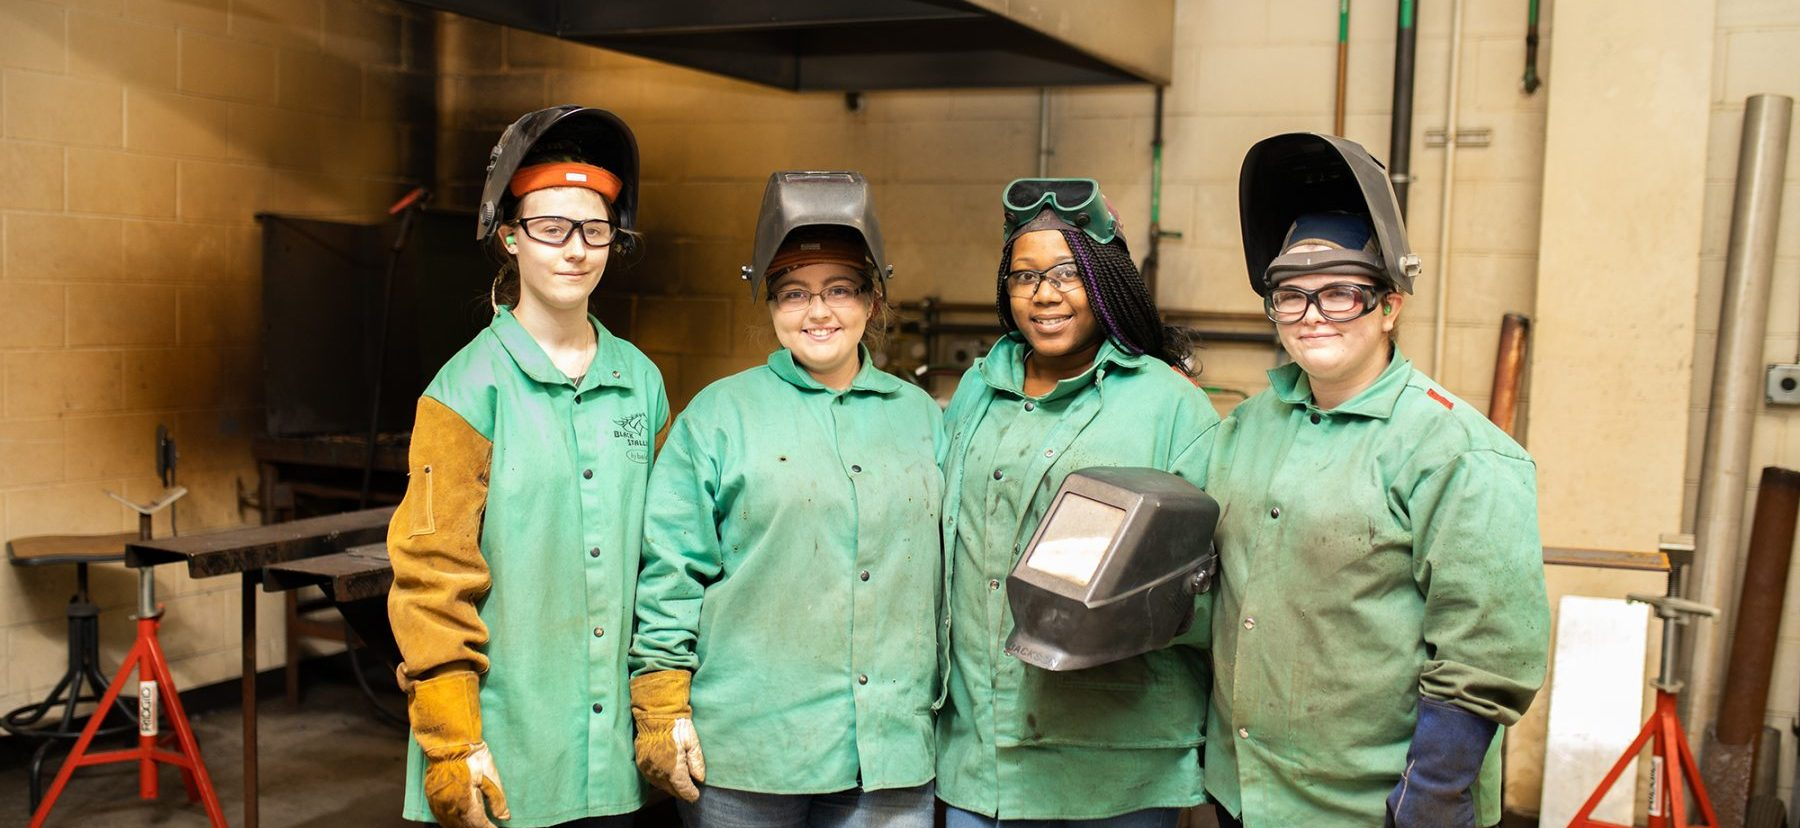 Women in Welding aspect ratio 100 46